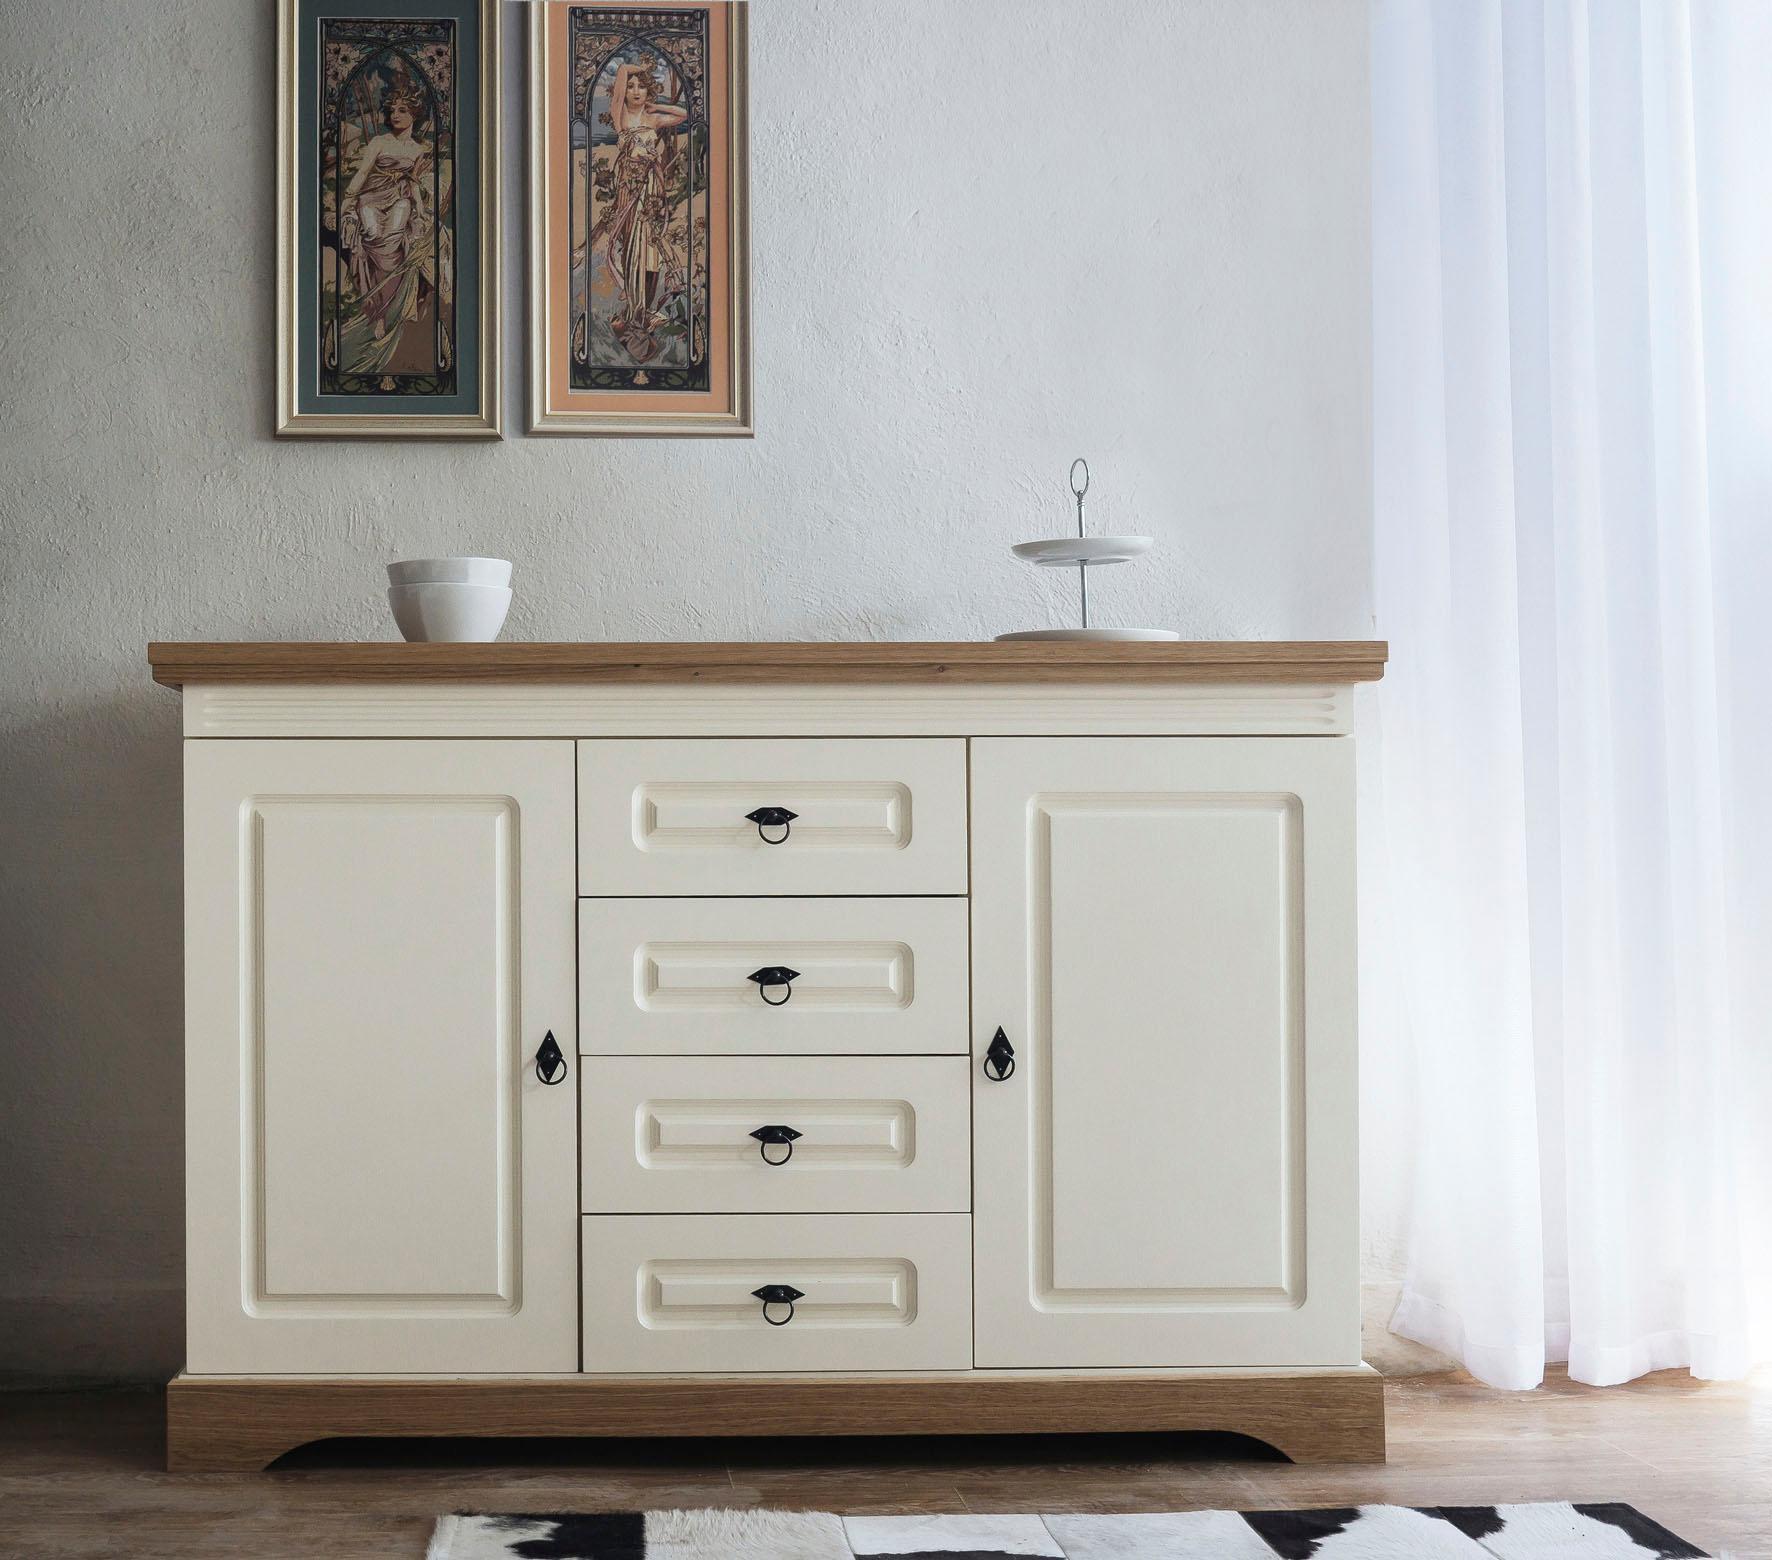 Home affaire Sideboard Provence mit 2 Türen und 4 Schubladen Breite 137 cm